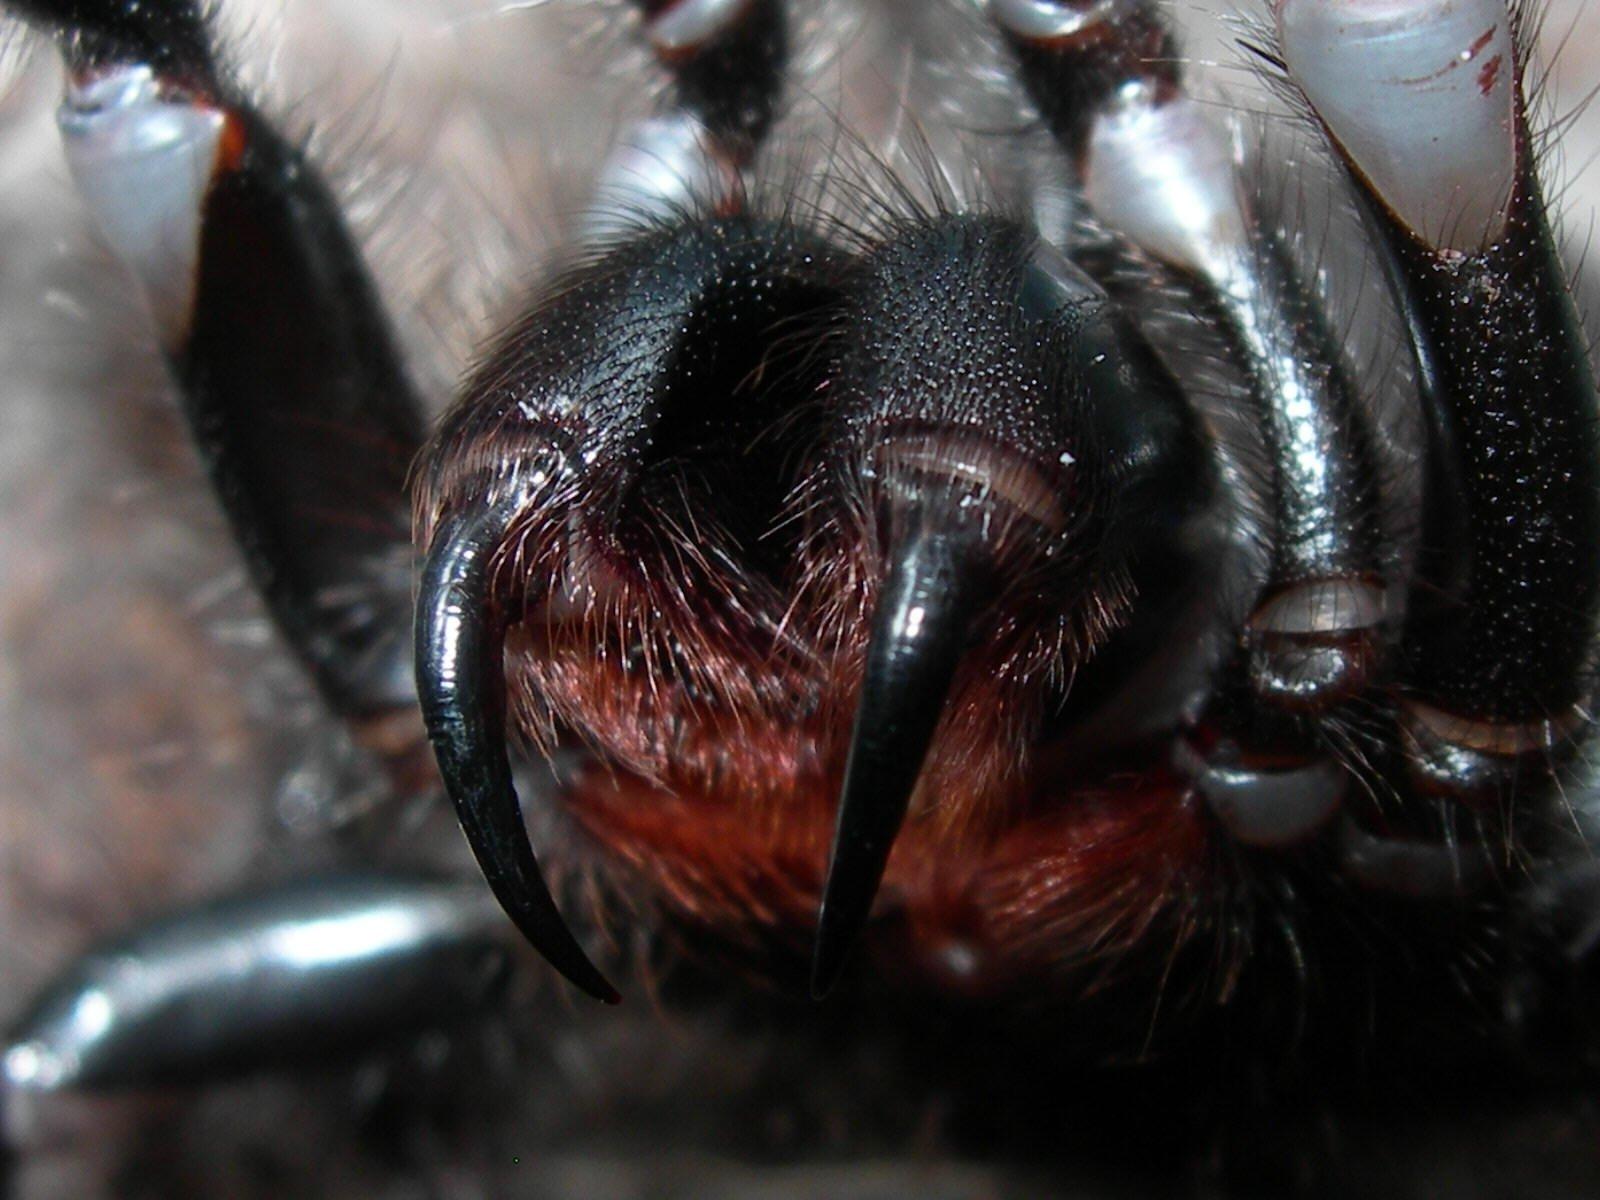 Deadliest Spider of Australia: Sydney Funnel Web Spider